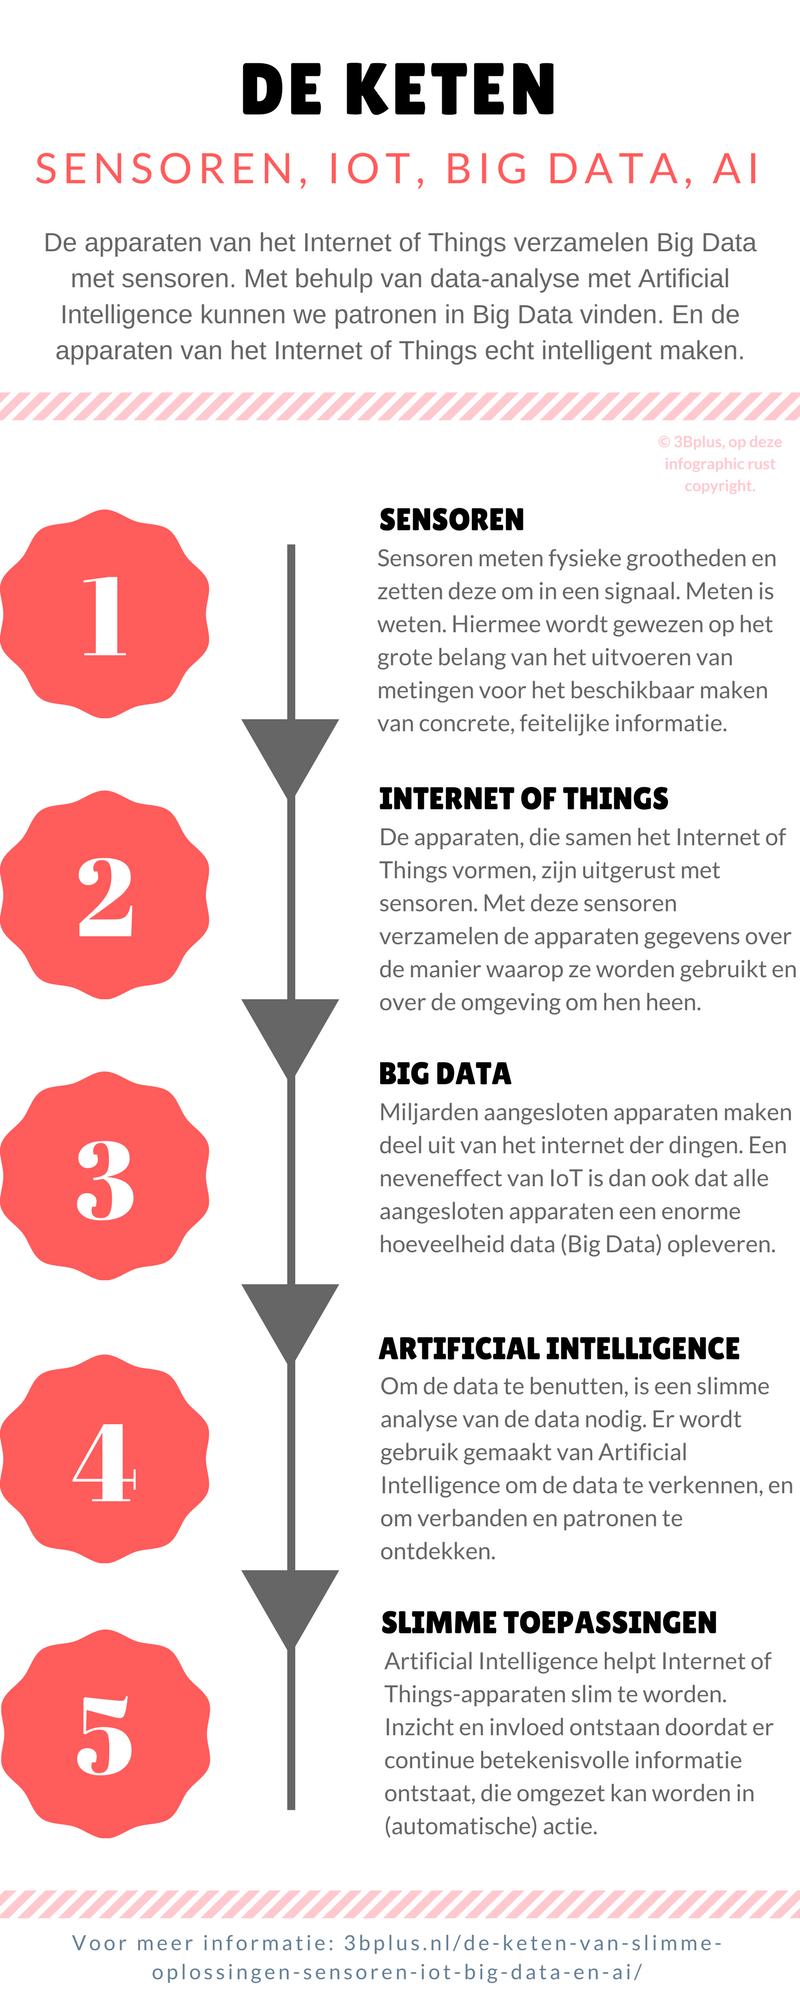 Met deze infographic willen we de keten tussen sensoren, Internet of Things (IoT), Big Data en Artificial Intelligence (AI) illustreren. Tezamen vormen deze technologieën namelijk de keten naar slimme oplossingen.